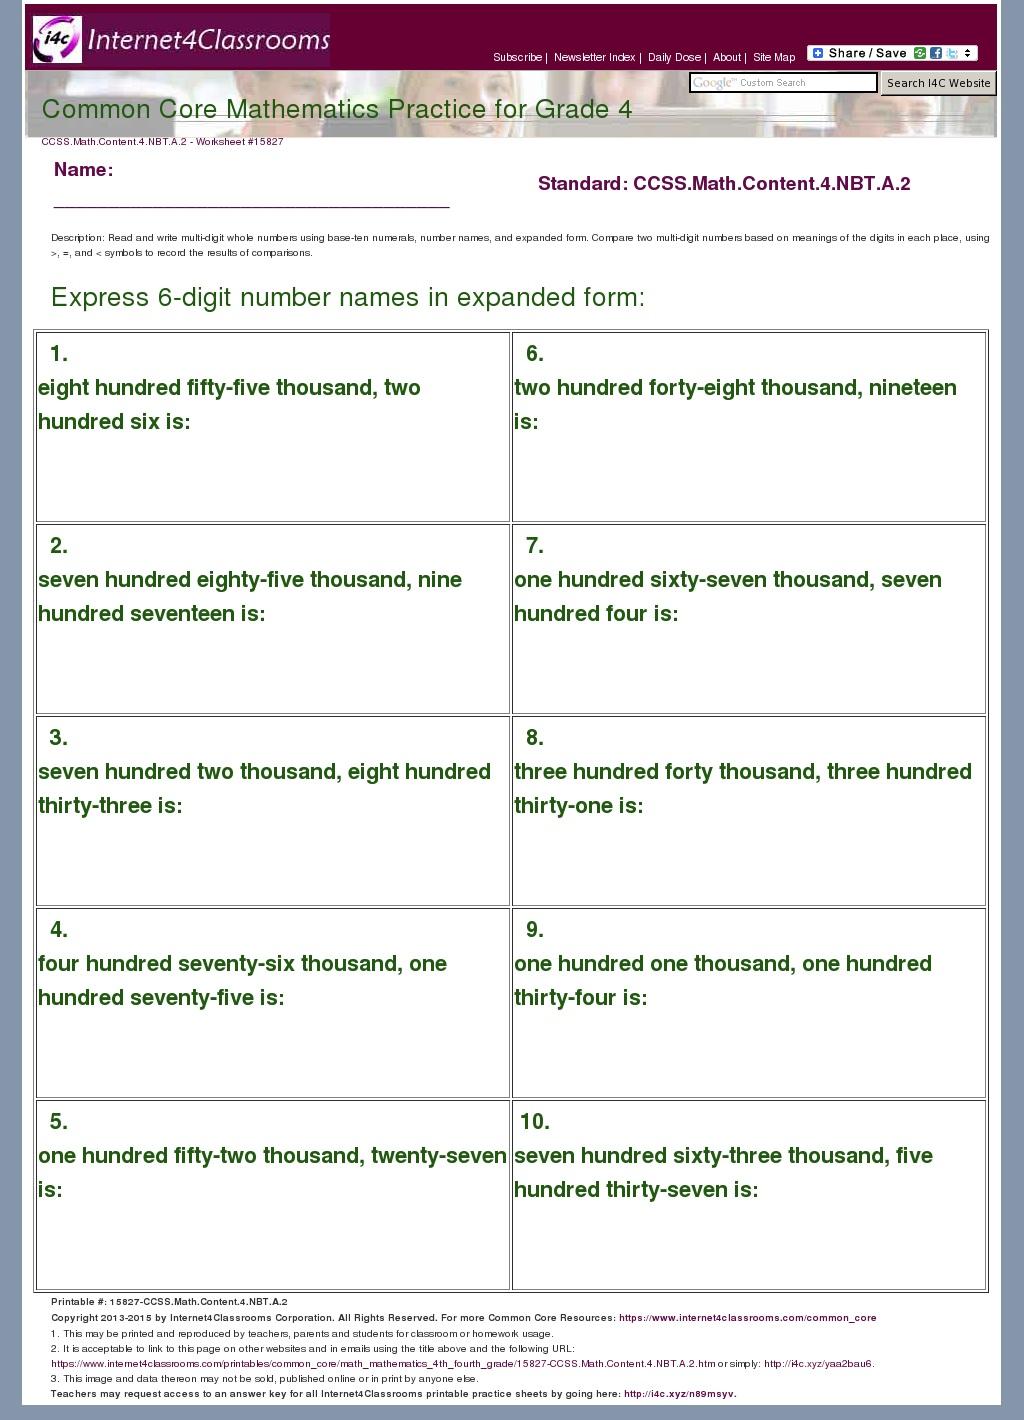 Descriptiondownload worksheet 15827 ccssthntent4nbta2 descriptiondownload worksheet 15827 ccssthntent4nbta2 grade 4 mathematics common core falaconquin